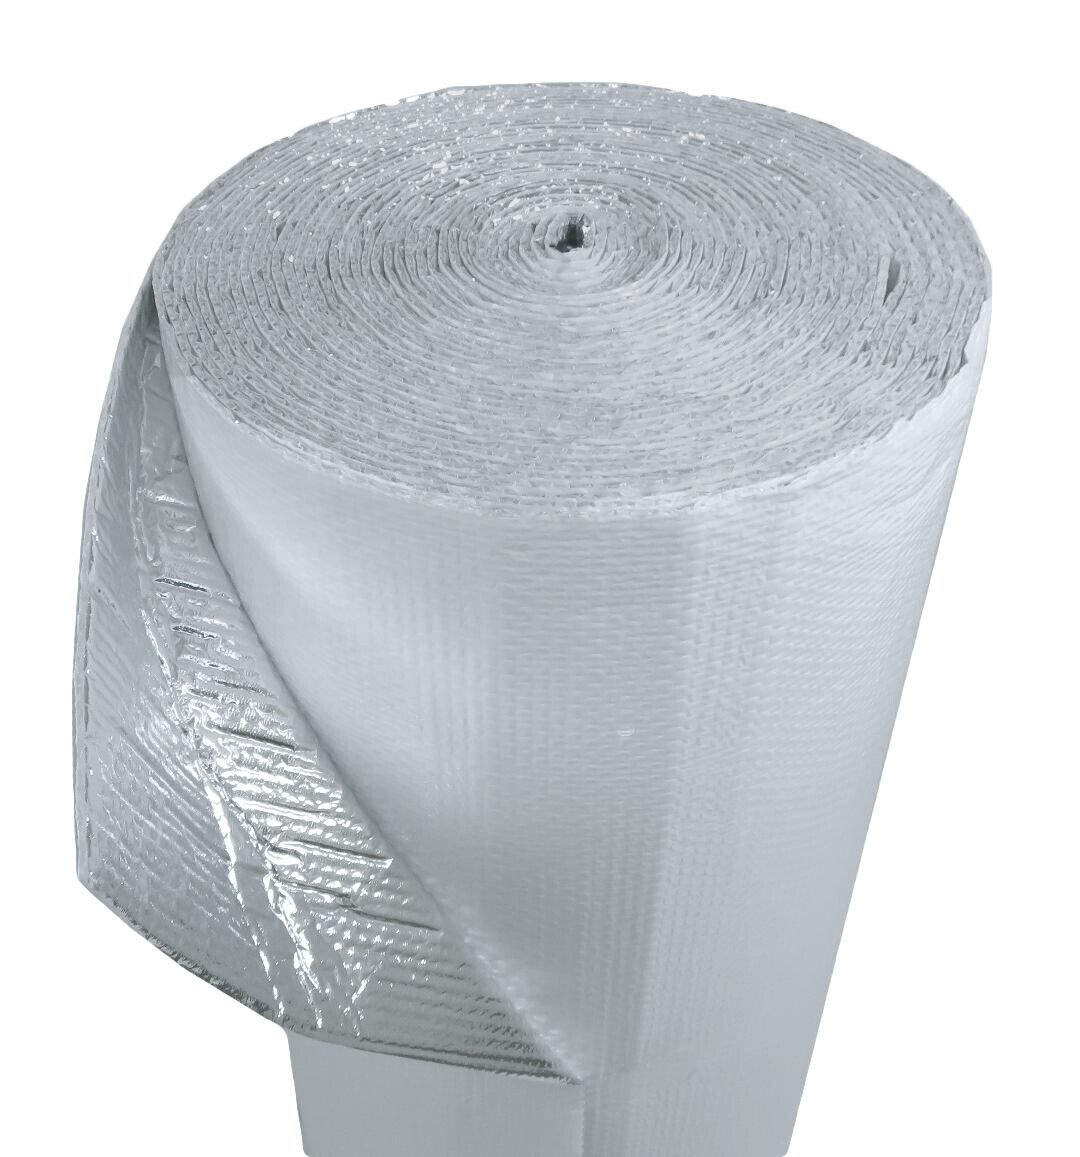 US Energy 400sqft (48  x 100') Double Bubble White Reflective Foil Insulation